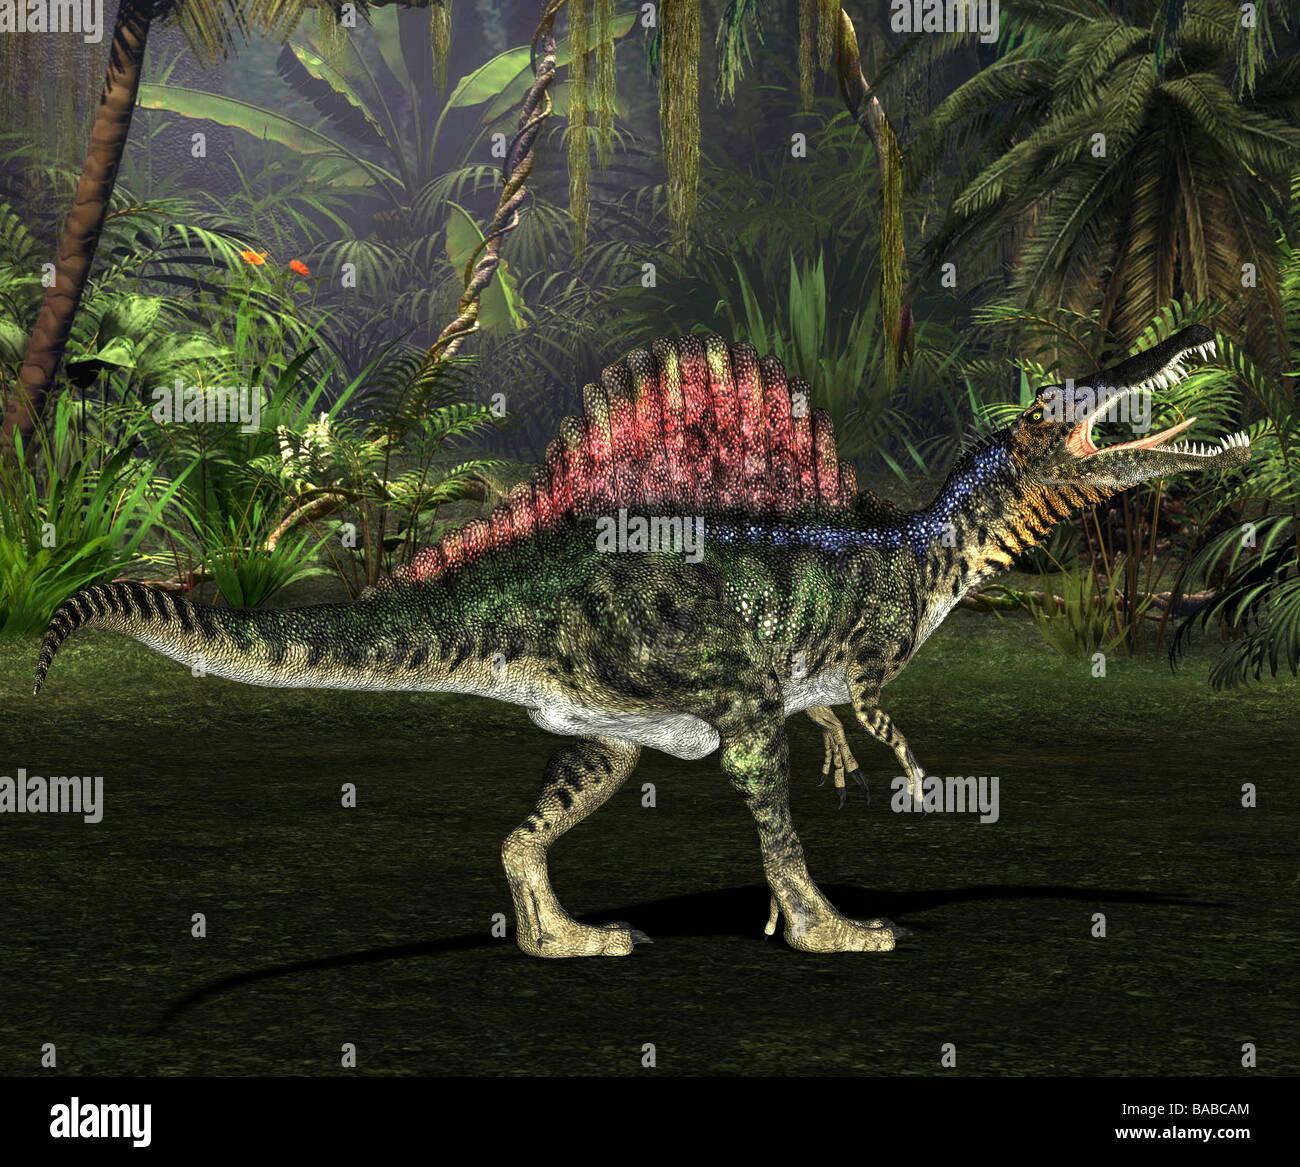 dinosaur SpinosaurusStock Photo